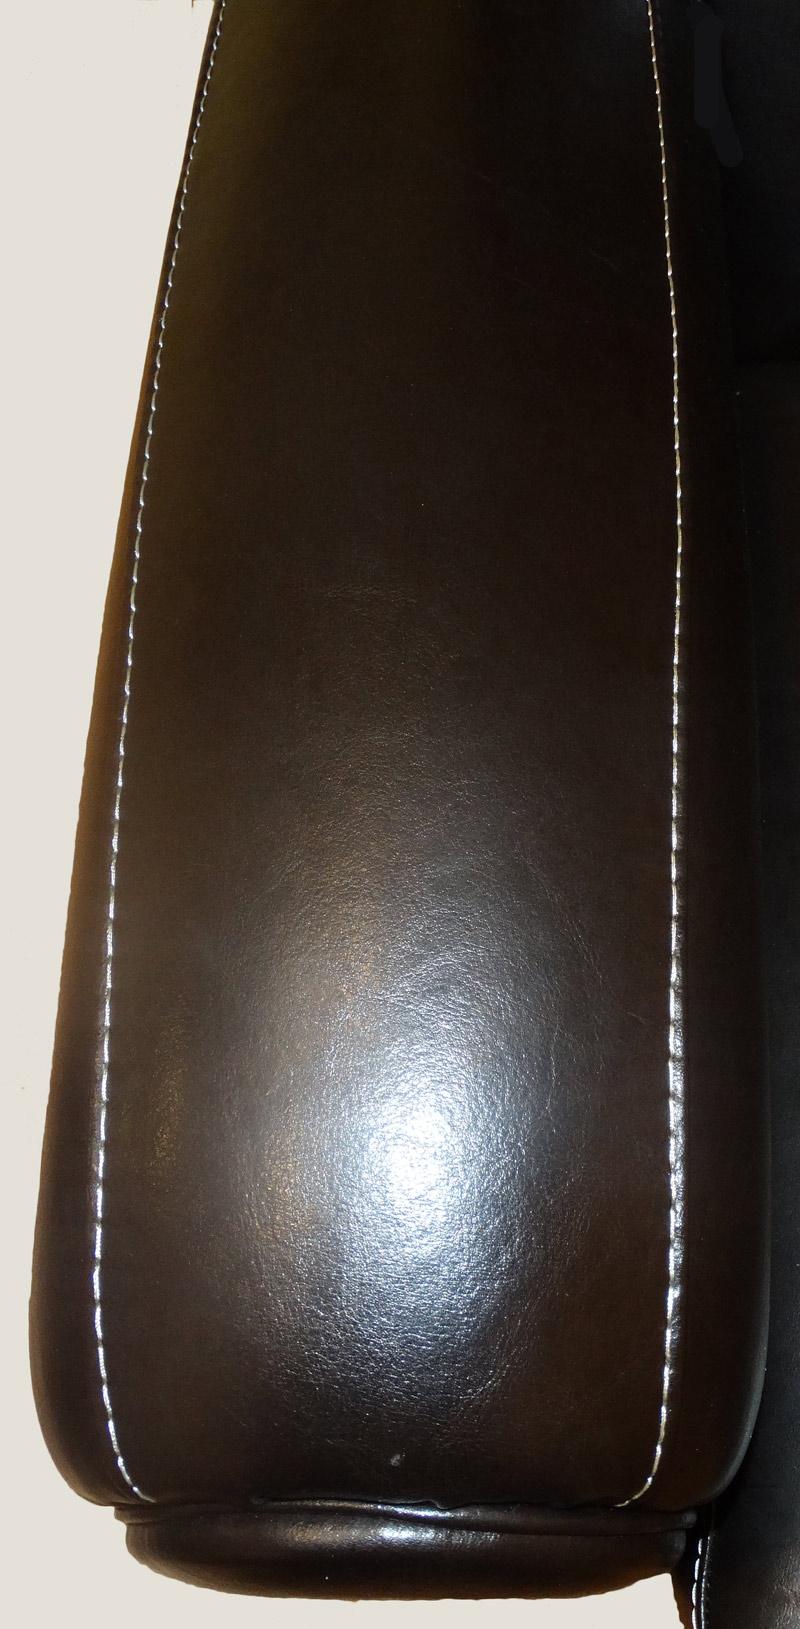 Manchette de club vue de haut longfield 1880 for Table vue de haut